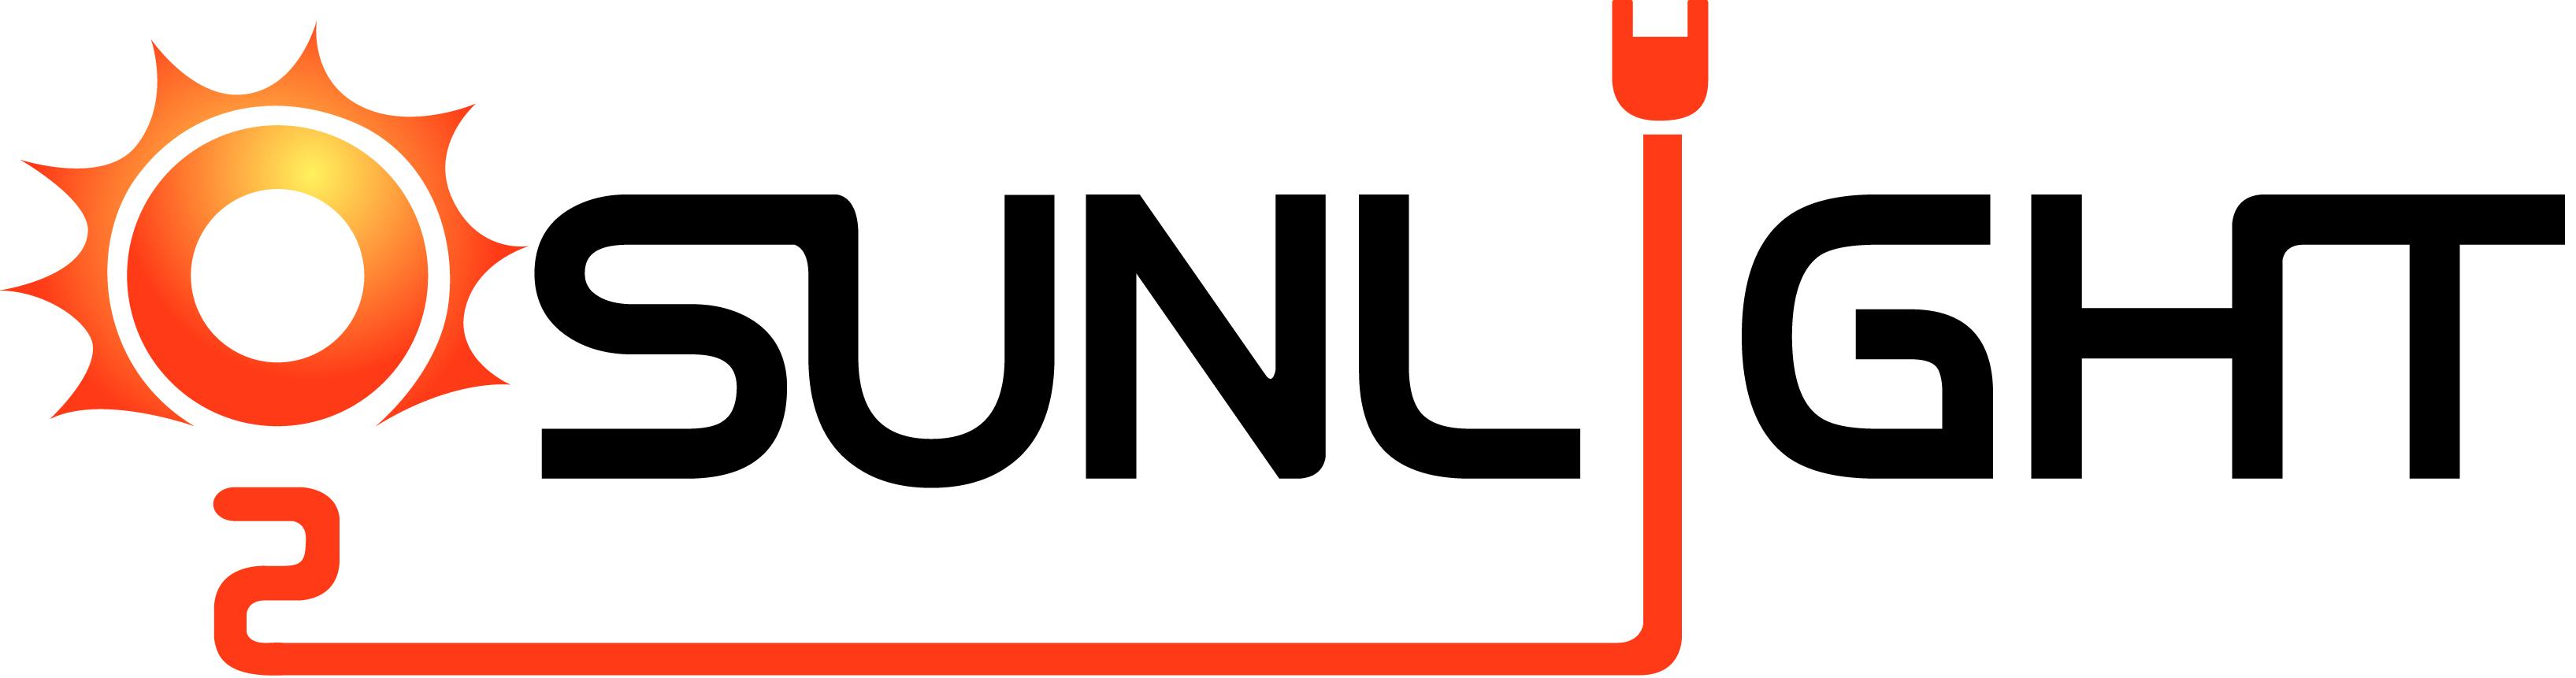 Obaju logo